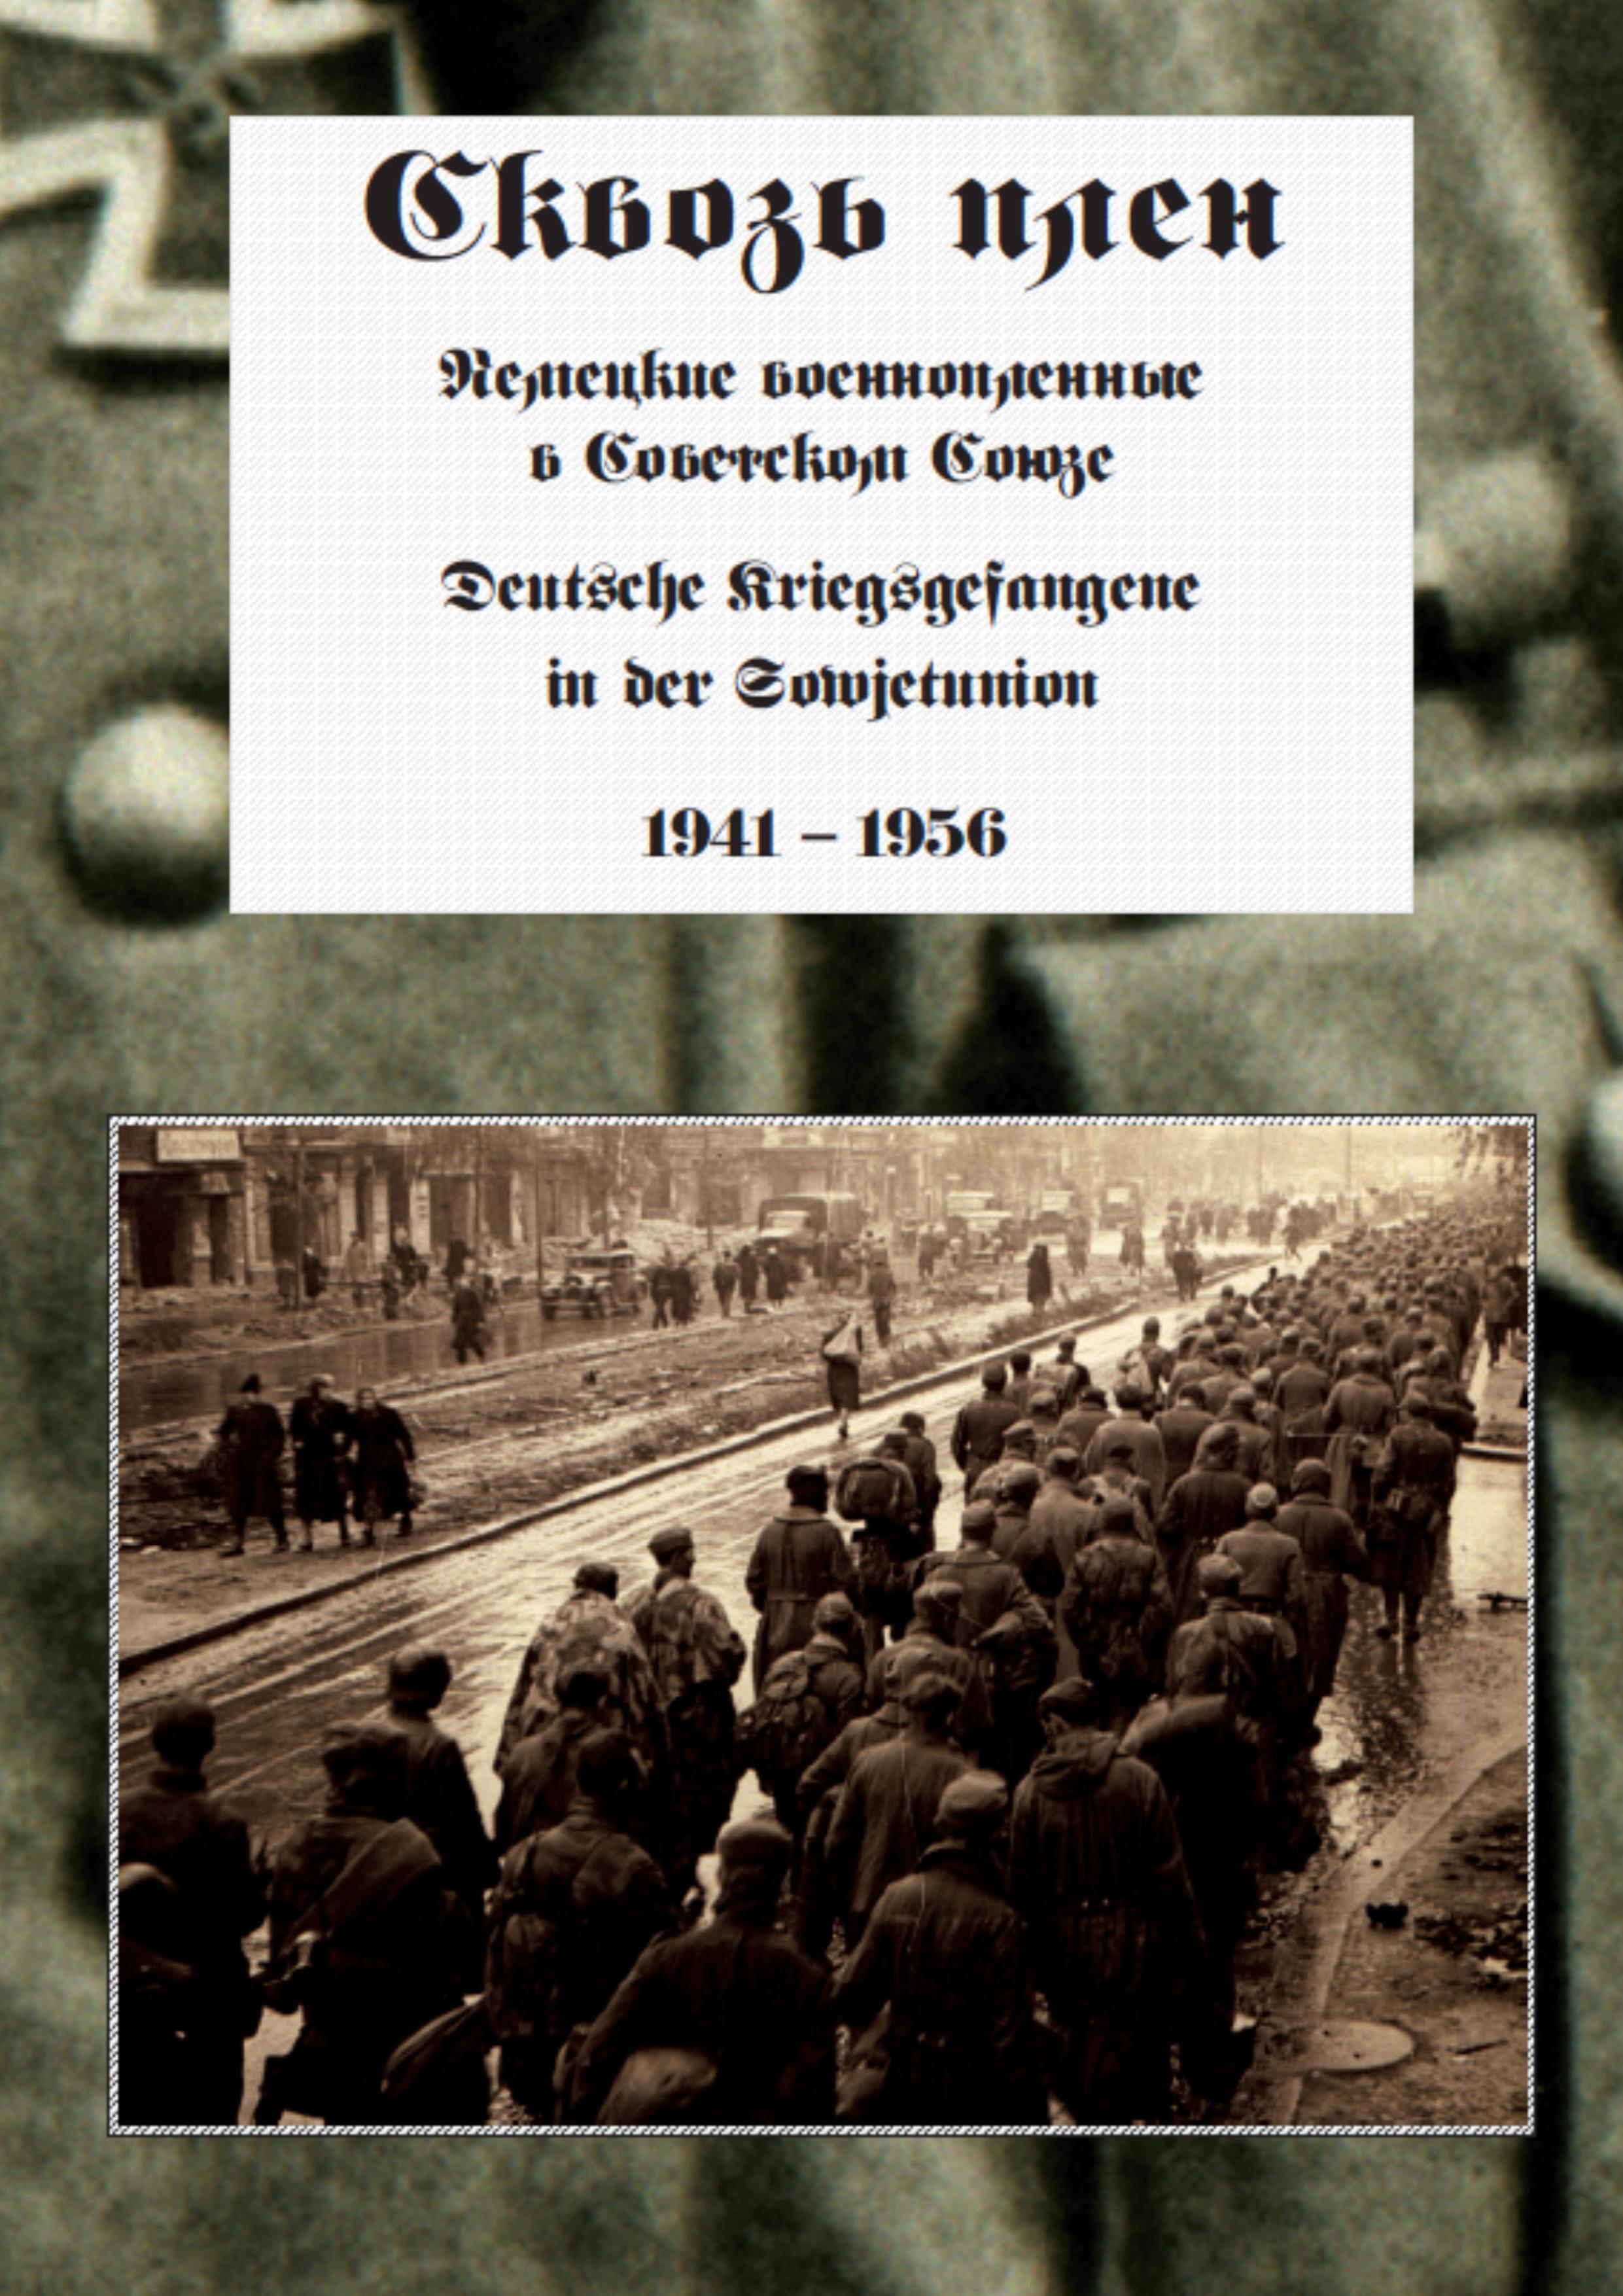 Сквозь плен. Немецкие военнопленные в Советском Союзе. Deutsche Kriegsgefangene in der Sowjetunion. 1941-1956